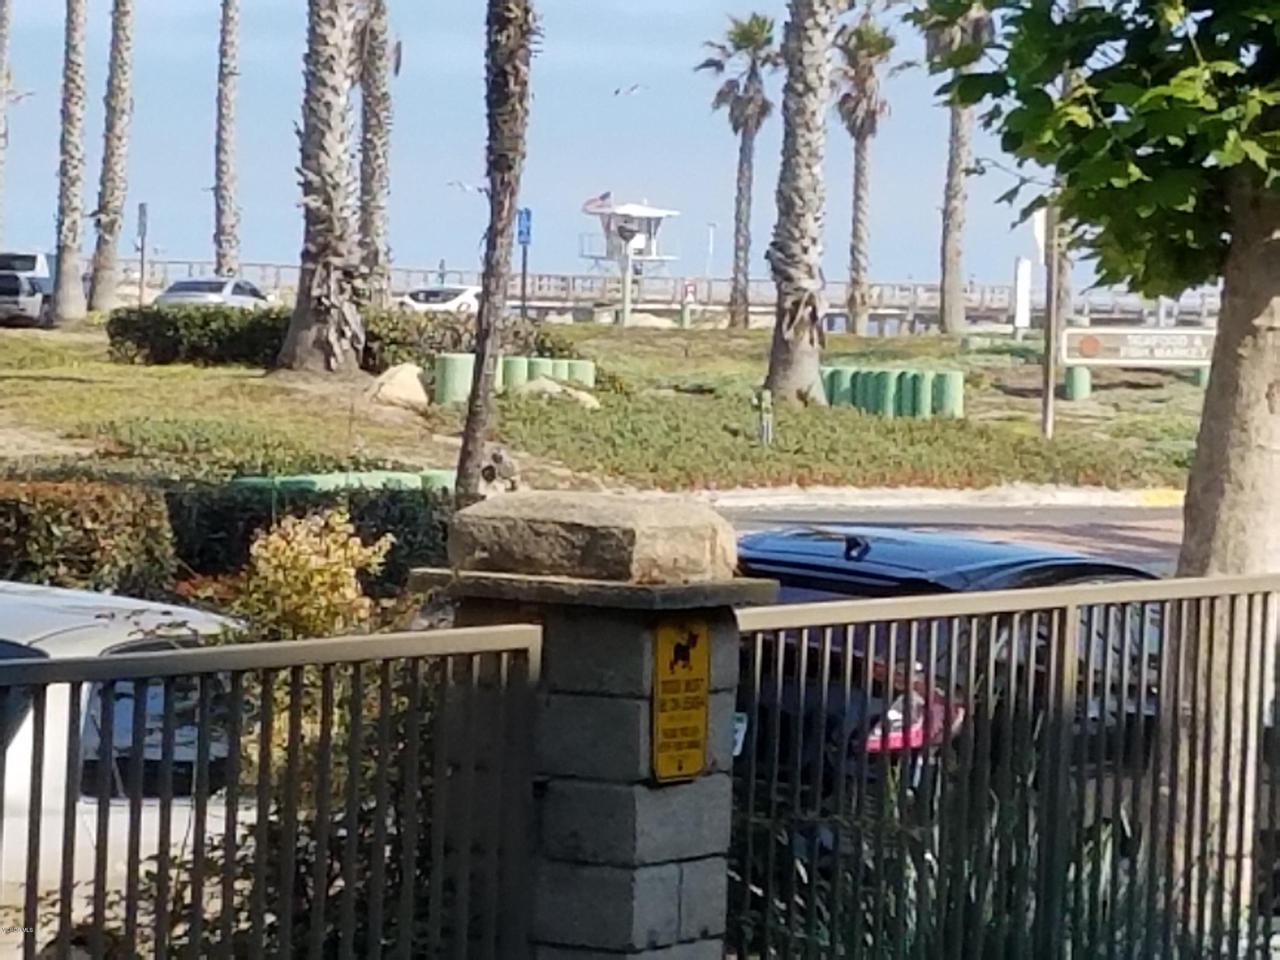 377 SURFSIDE, Port Hueneme, CA 93041 - 20170712_165127